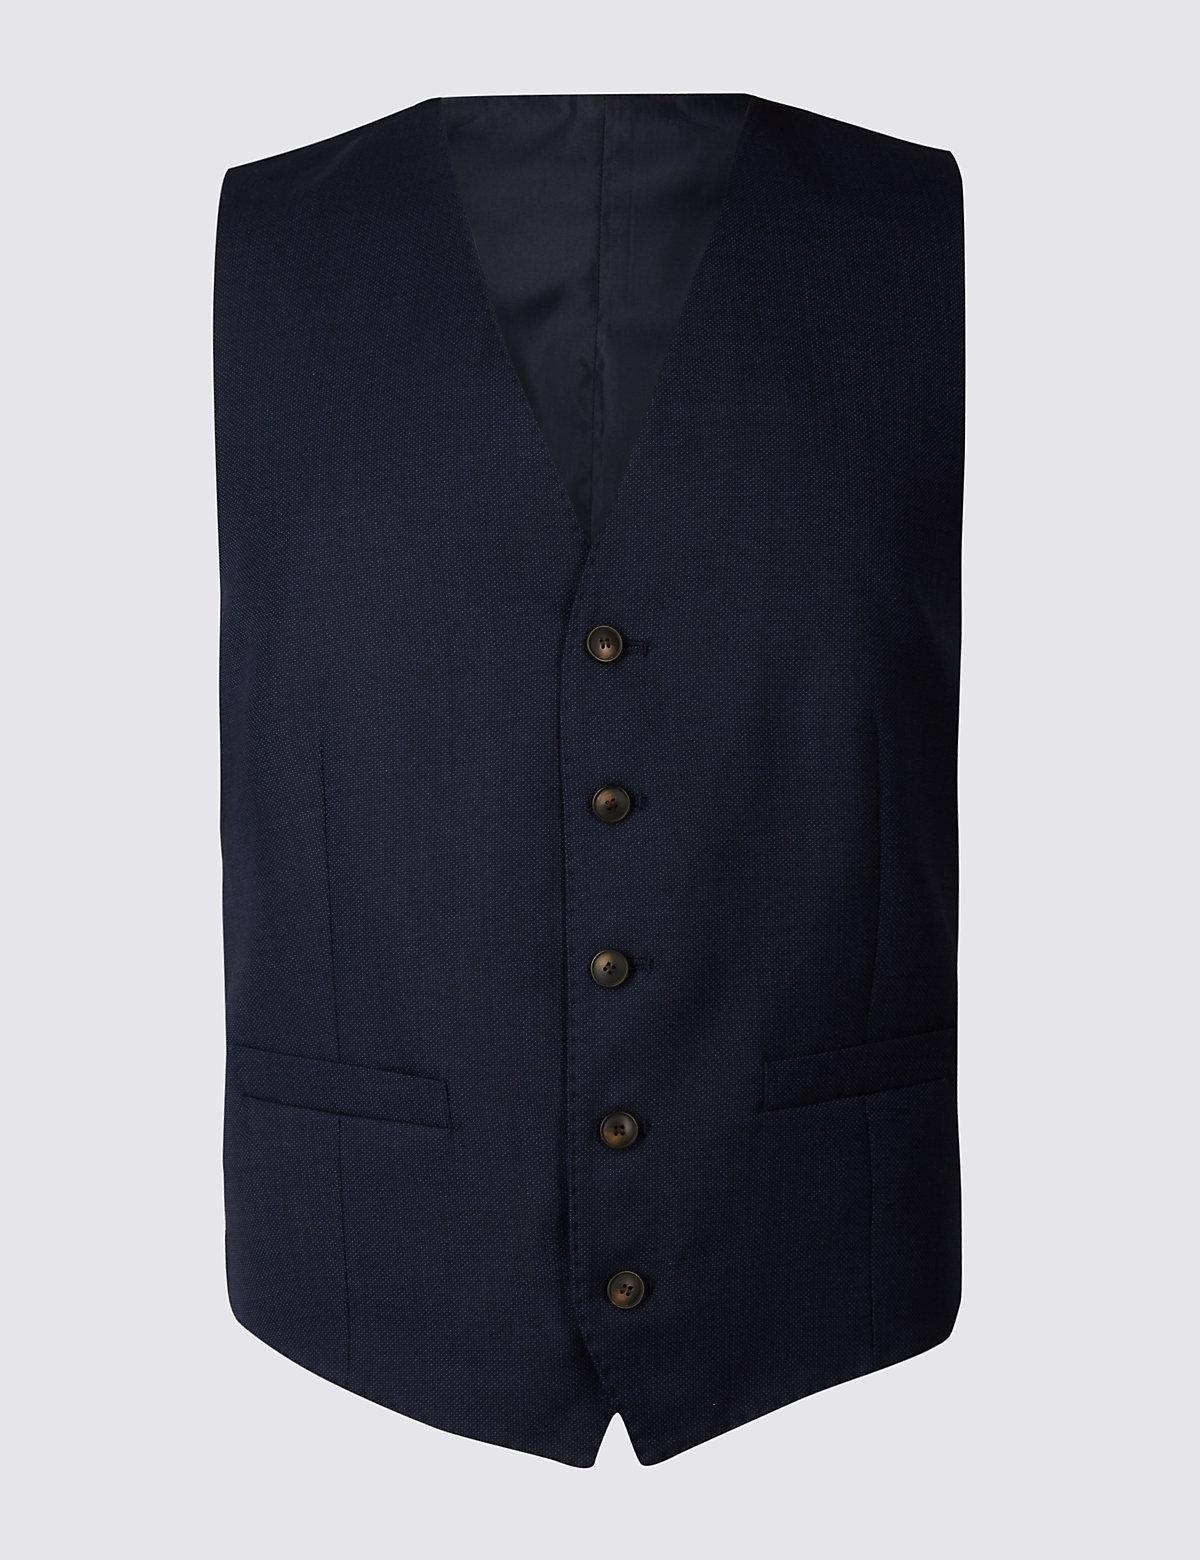 Мужской текстурированный жилет с добавлением шерсти M&S Collection. Цвет: индиго